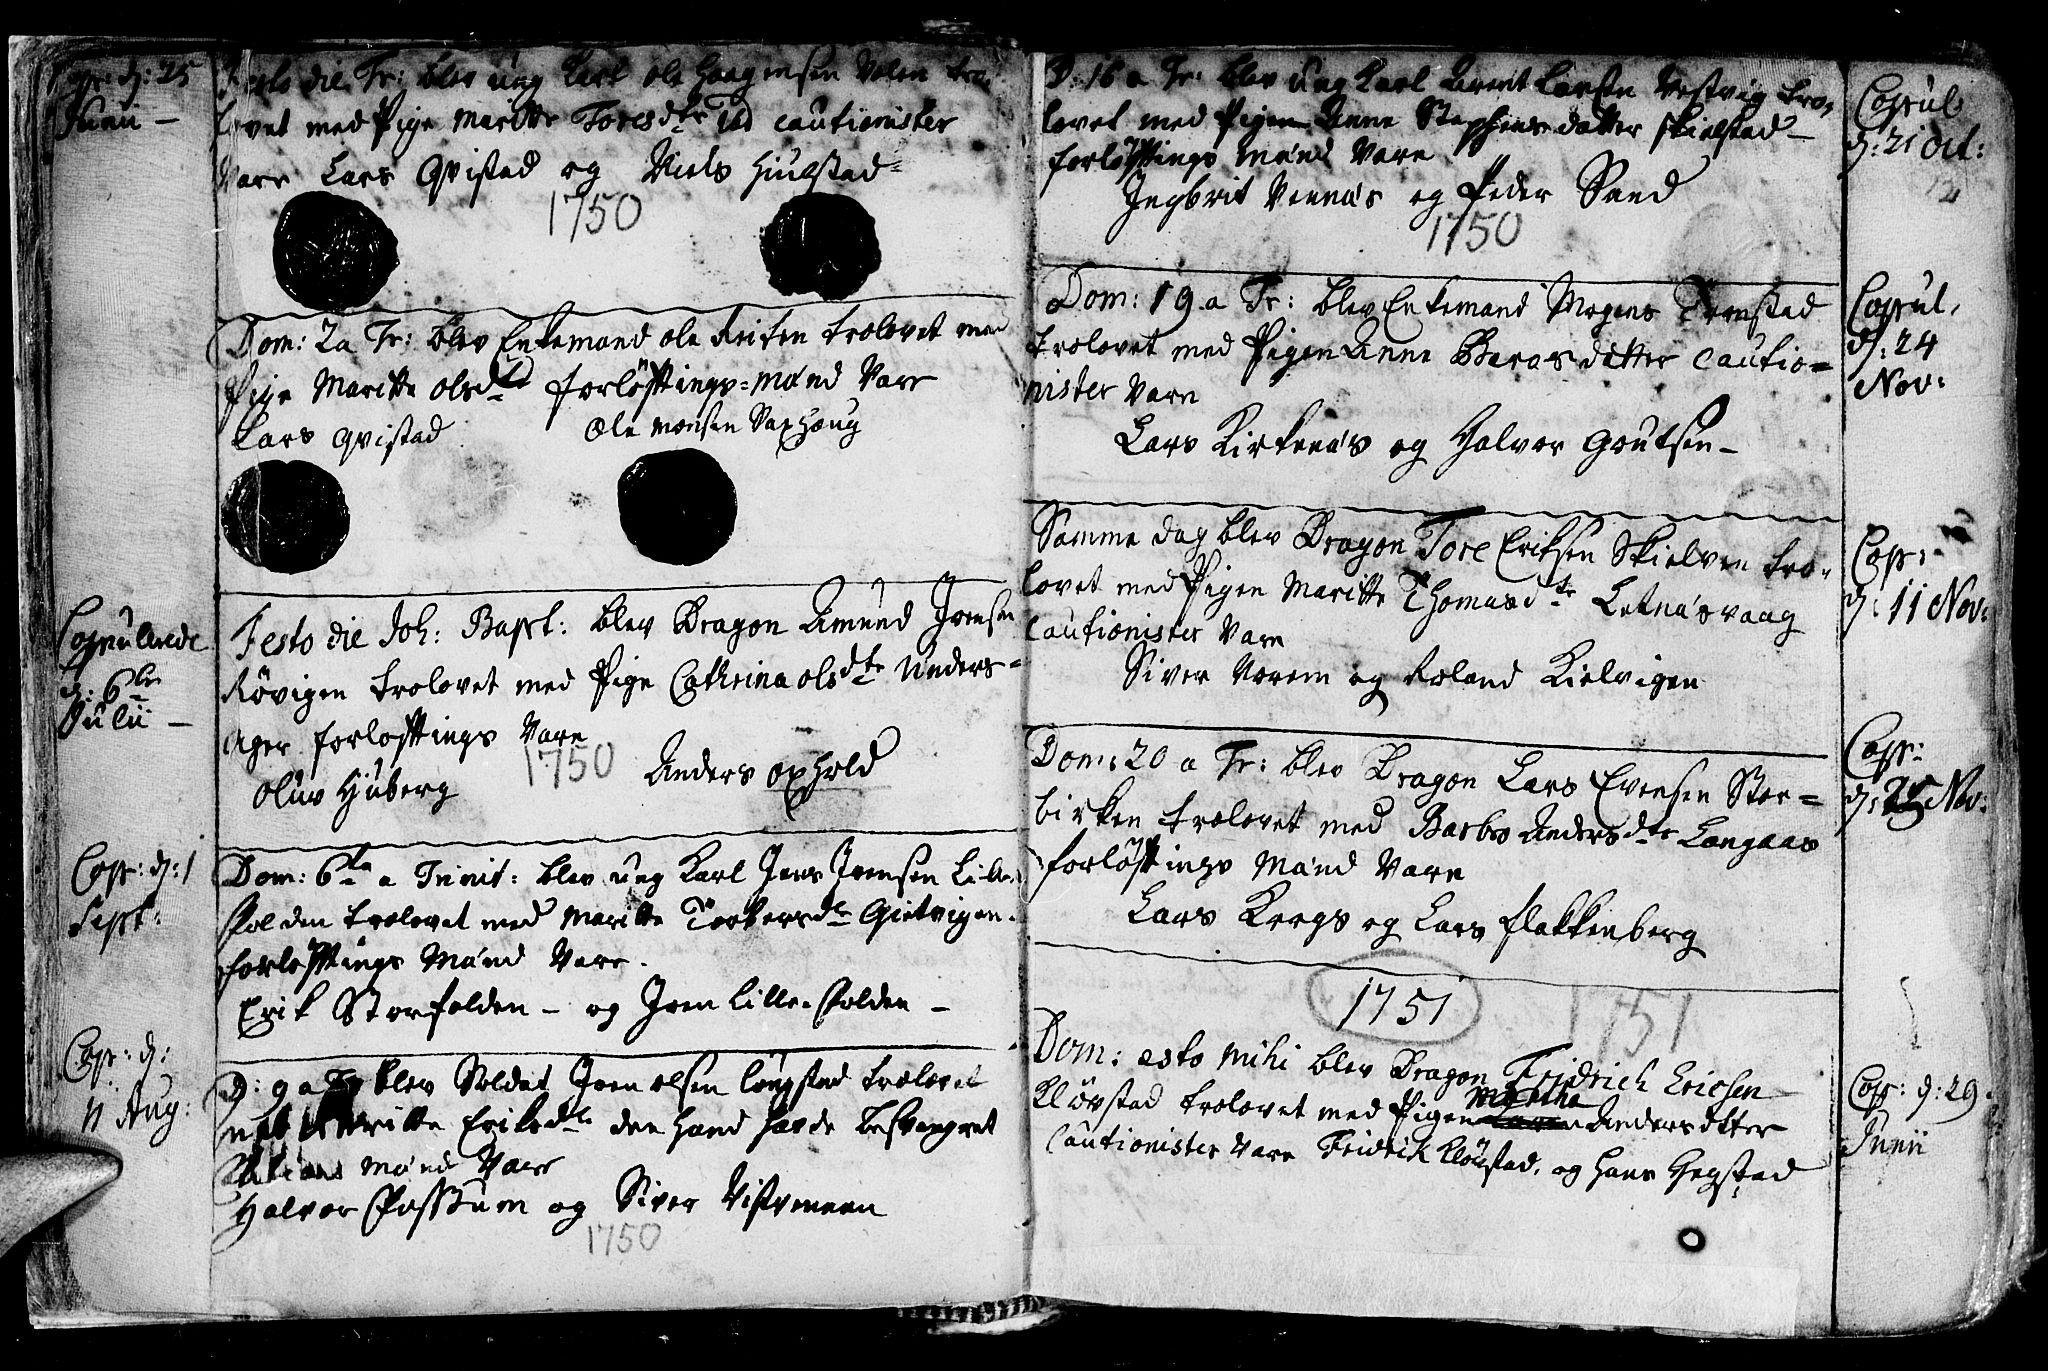 SAT, Ministerialprotokoller, klokkerbøker og fødselsregistre - Nord-Trøndelag, 730/L0272: Ministerialbok nr. 730A01, 1733-1764, s. 12